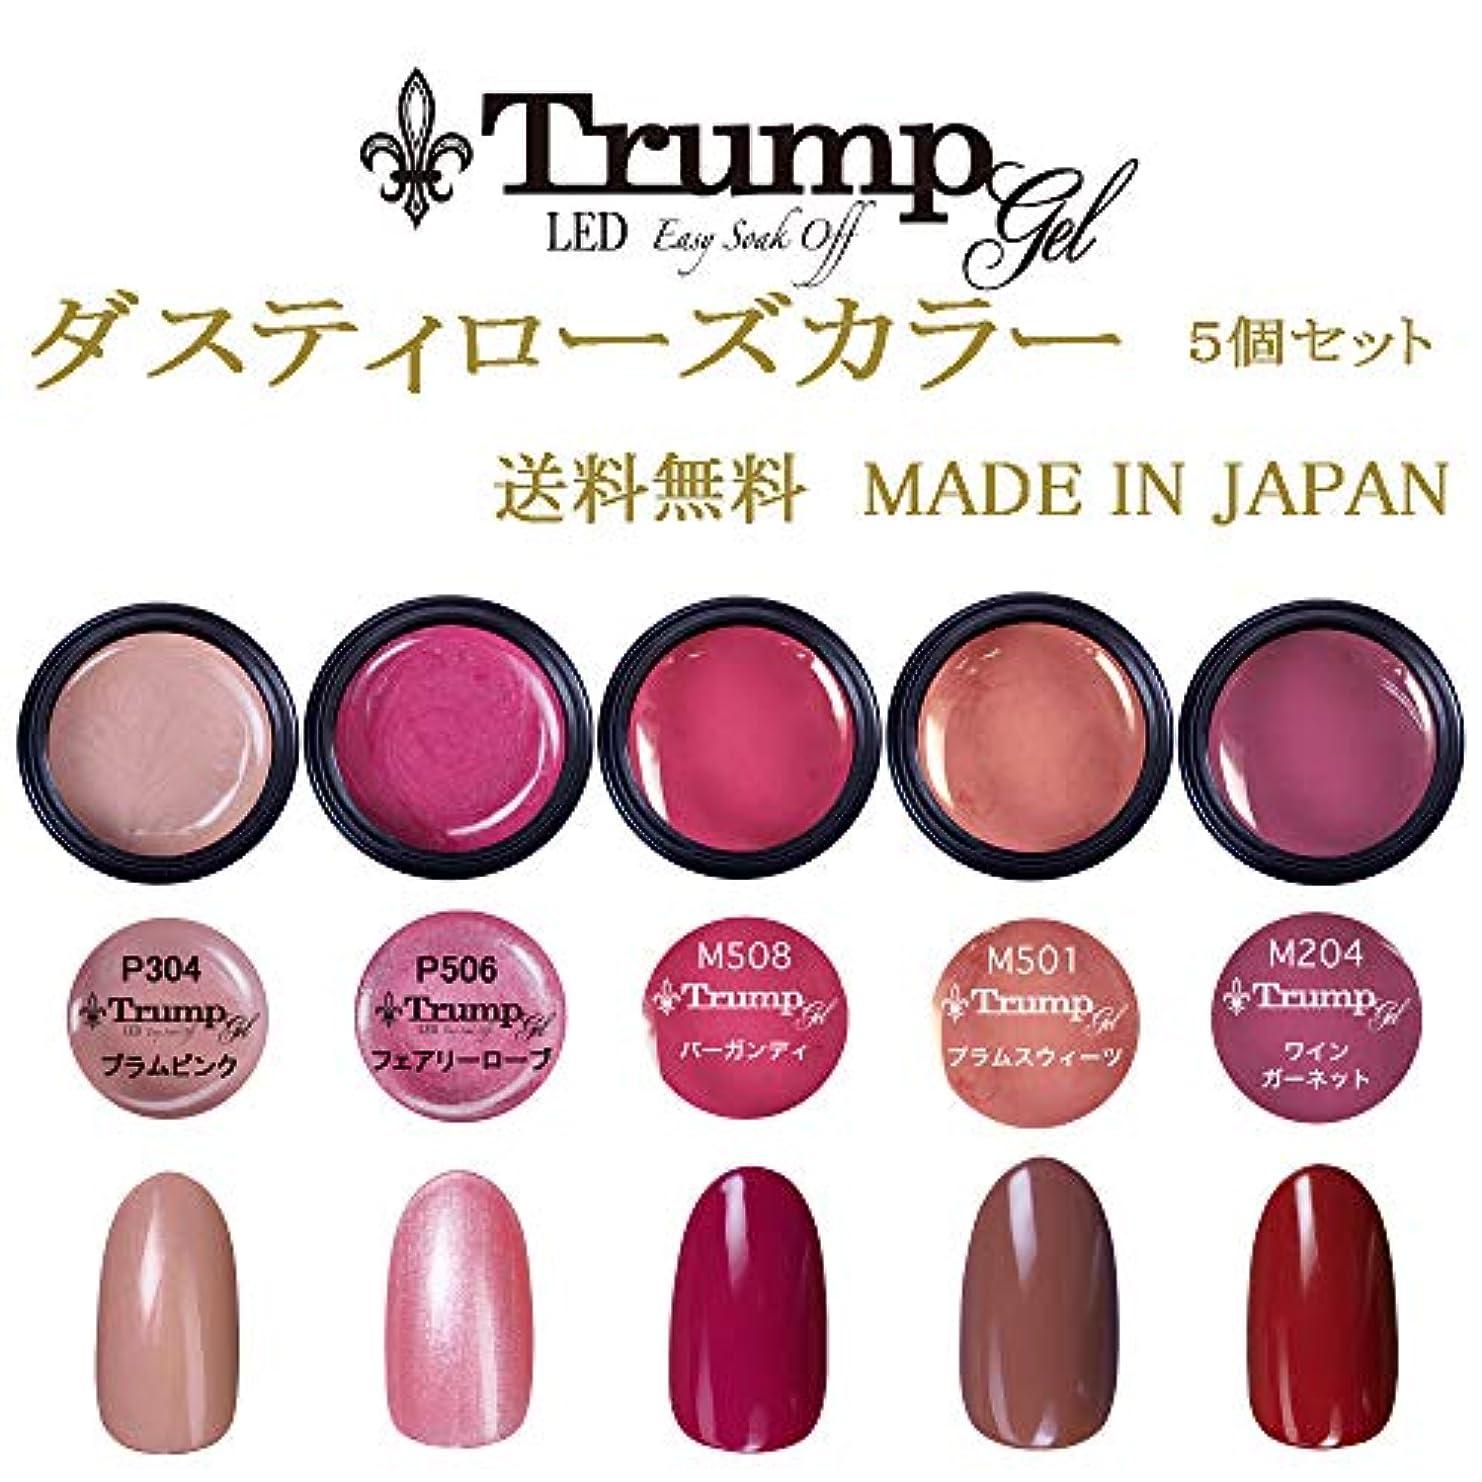 クリーナースタンド講堂【送料無料】日本製 Trump gel トランプジェル ダスティローズカラージェル 5個セット スタイリッシュでオシャレな 白べっ甲カラージェルセット